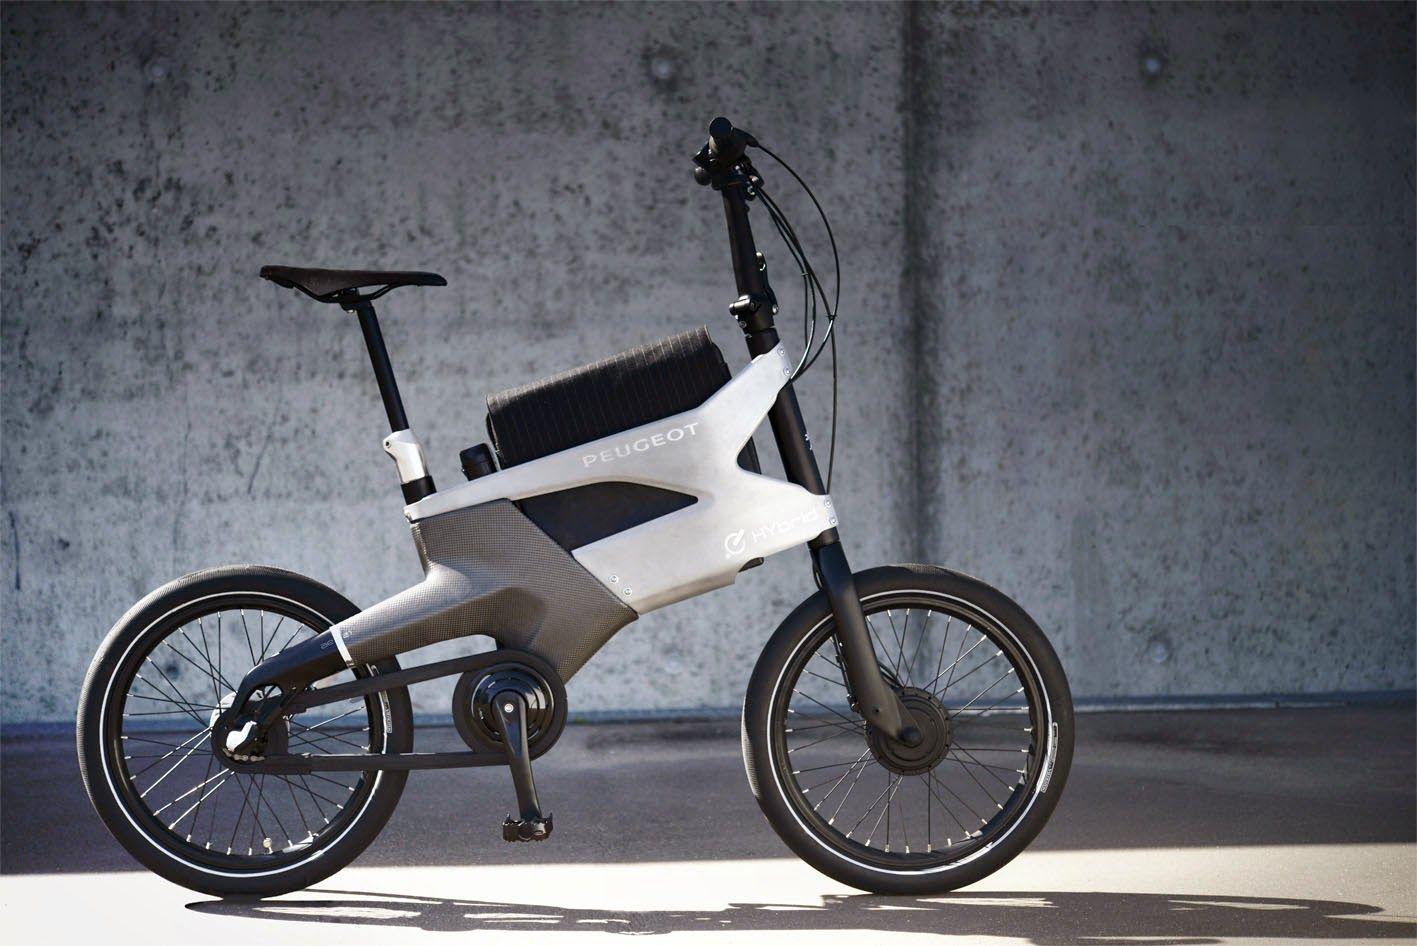 peugeot e bike bicycle design pinterest more peugeot. Black Bedroom Furniture Sets. Home Design Ideas